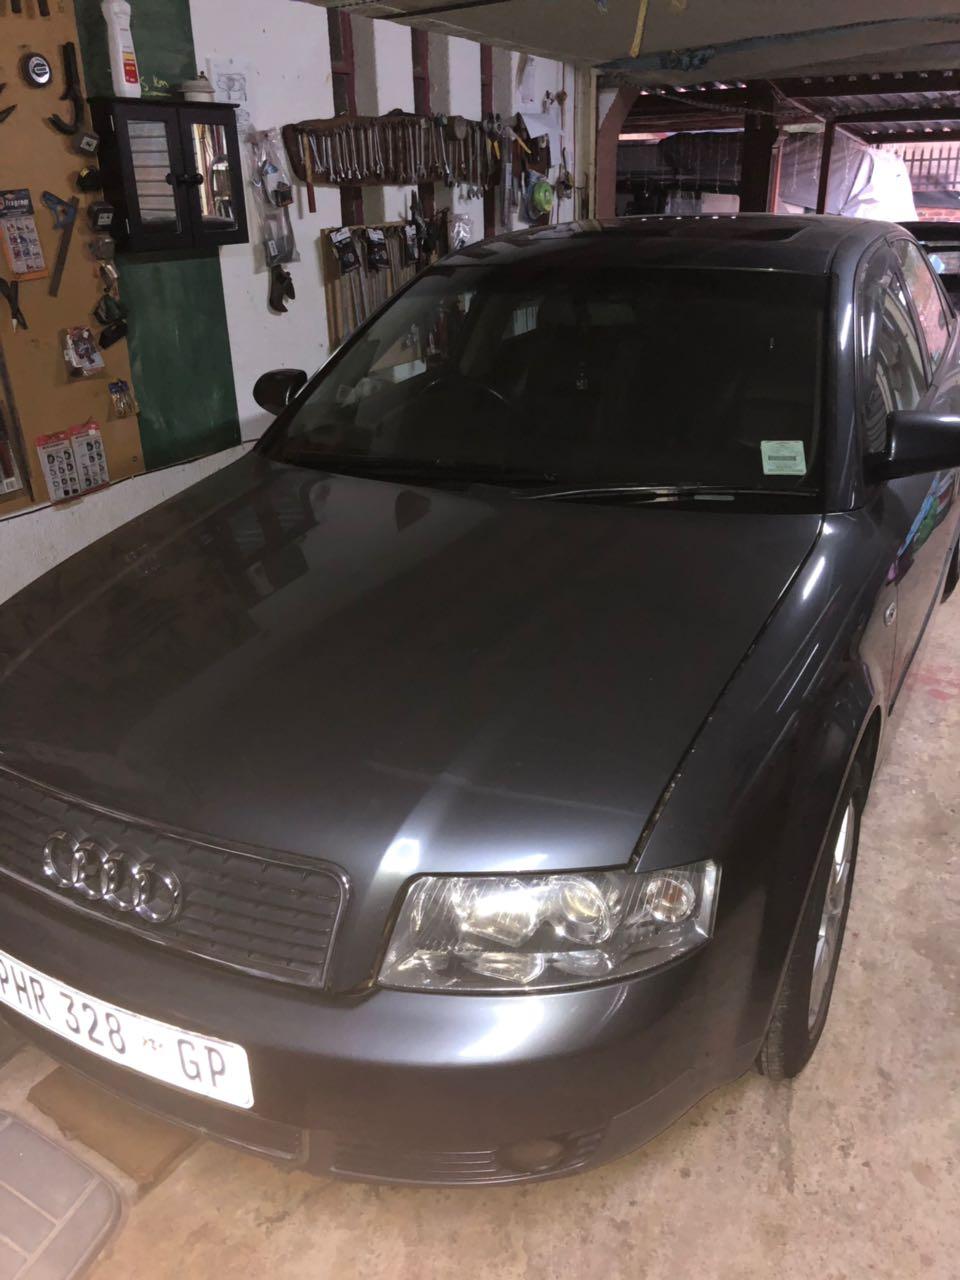 2004 Audi A4 | Junk Mail